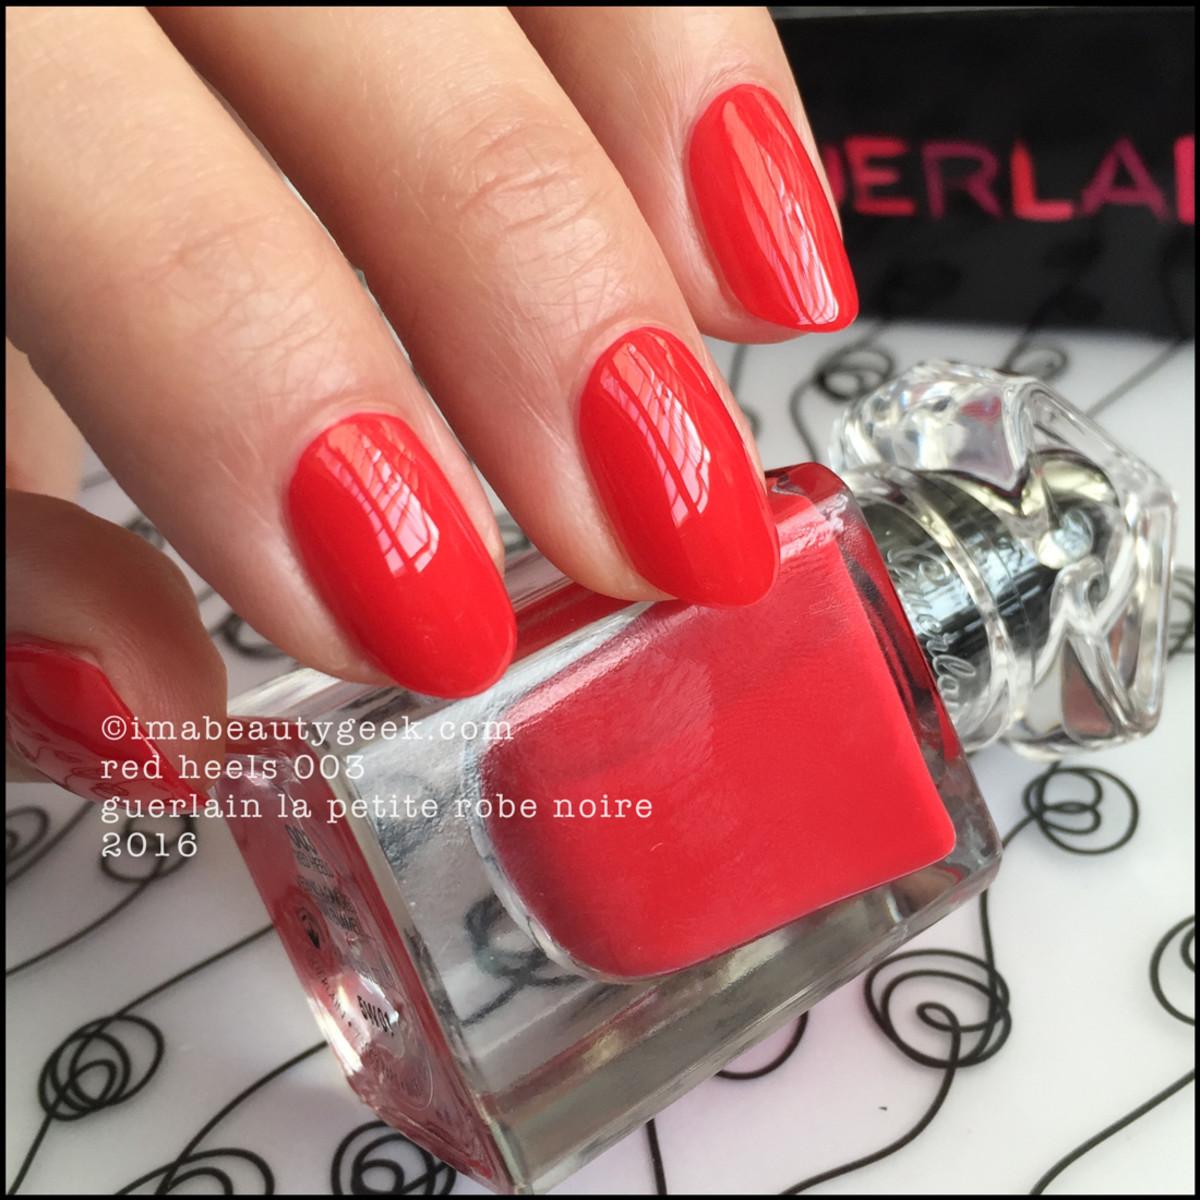 Guerlain La Petite Robe Noire_Guerlain Red Heels Nail Polish 2016